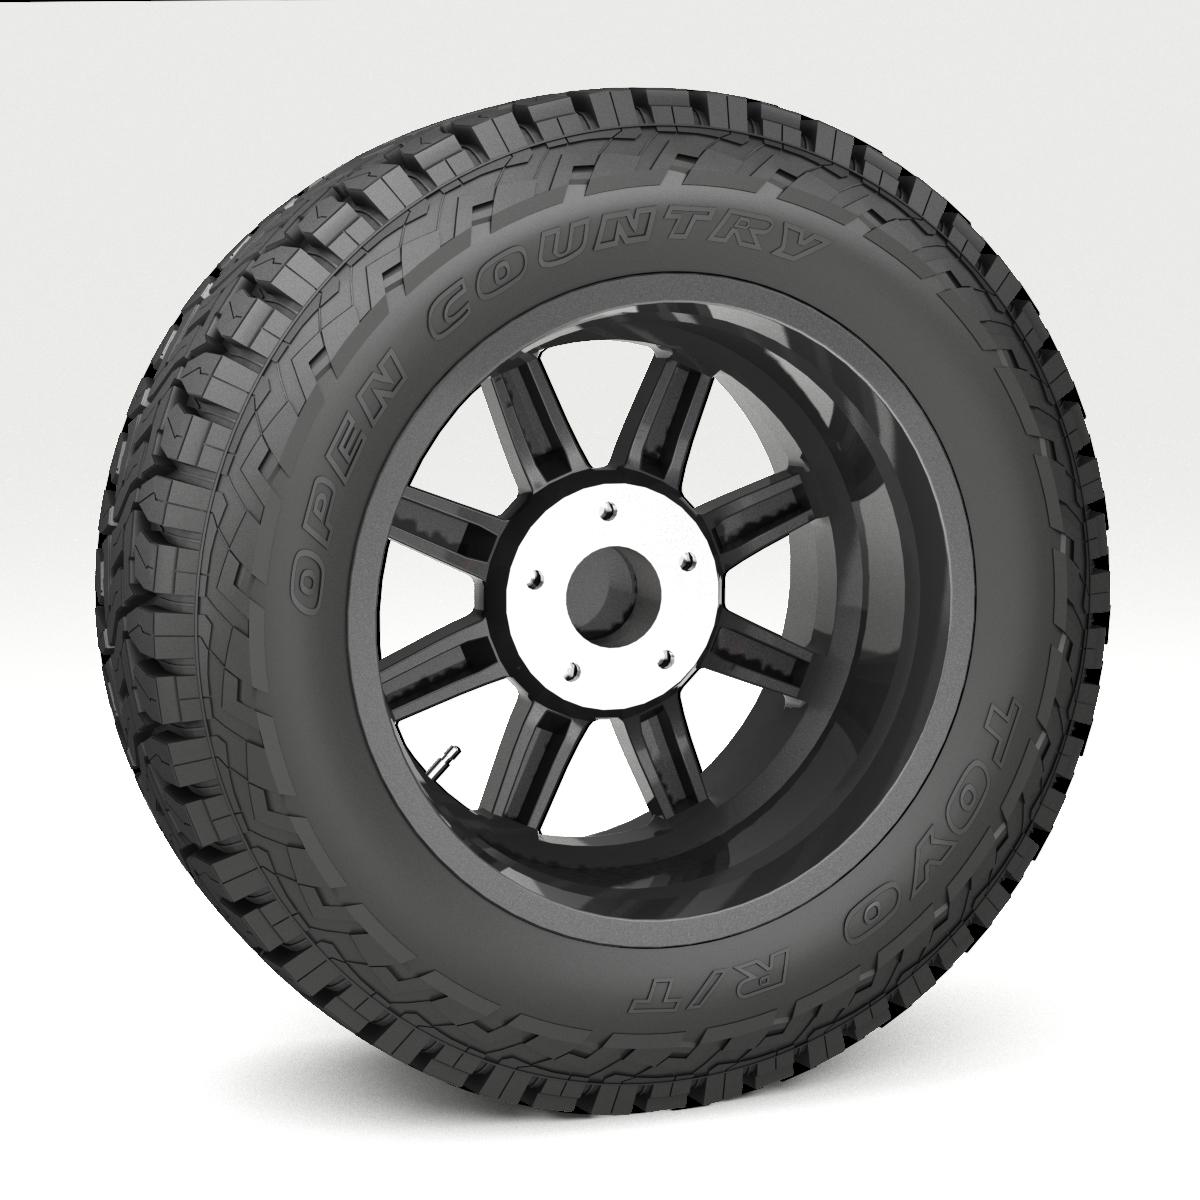 off road wheel and tire 7 3d model 3ds max fbx tga targa icb vda vst pix obj 282487